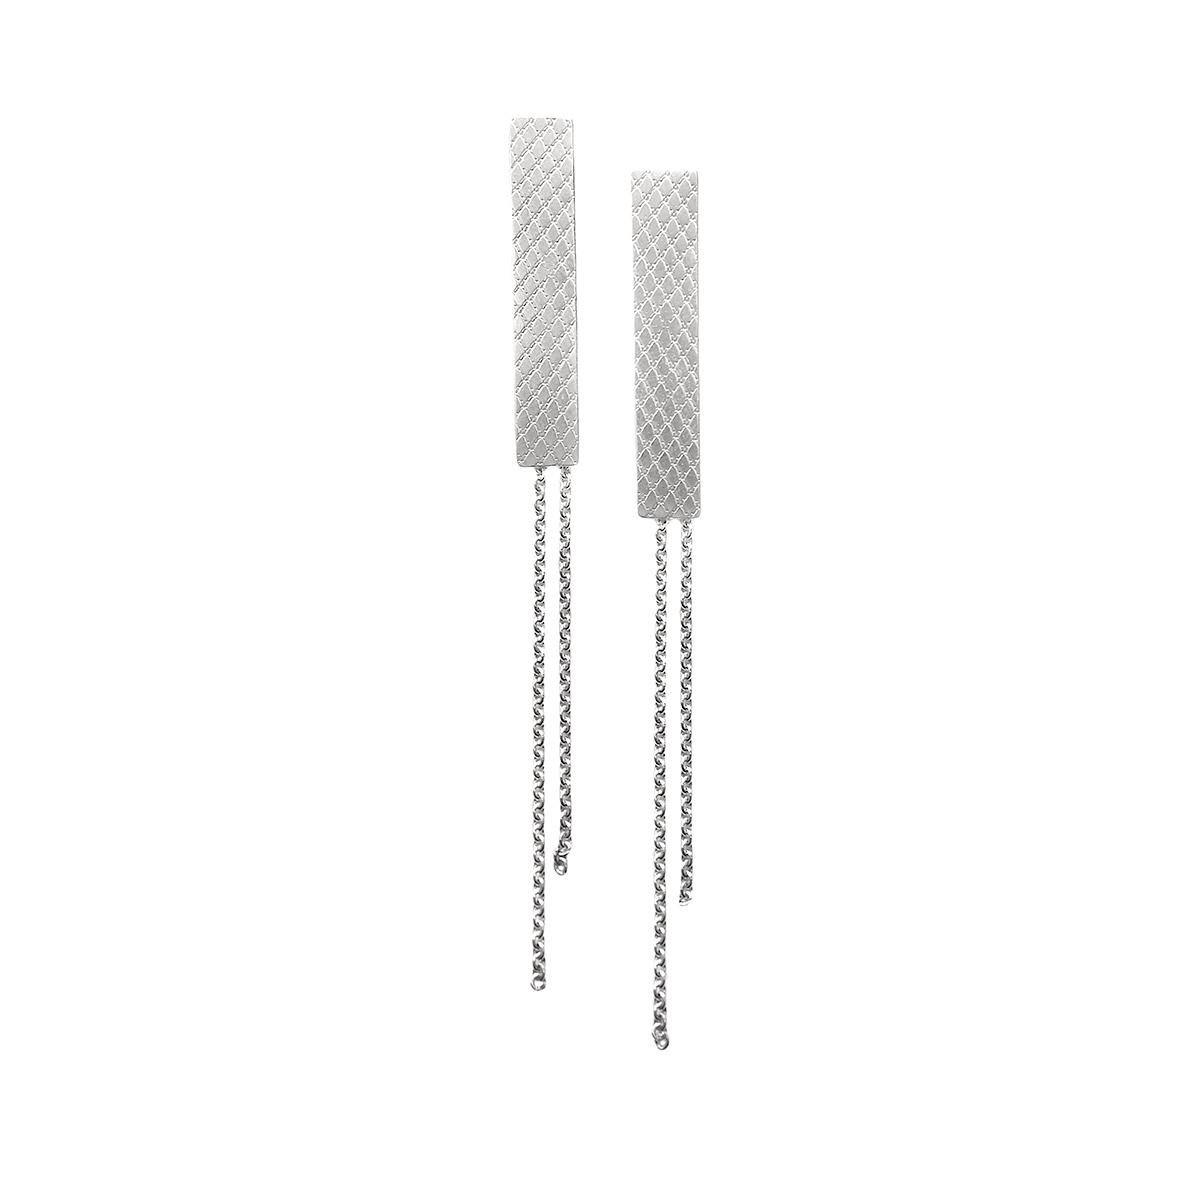 Wire-earrings